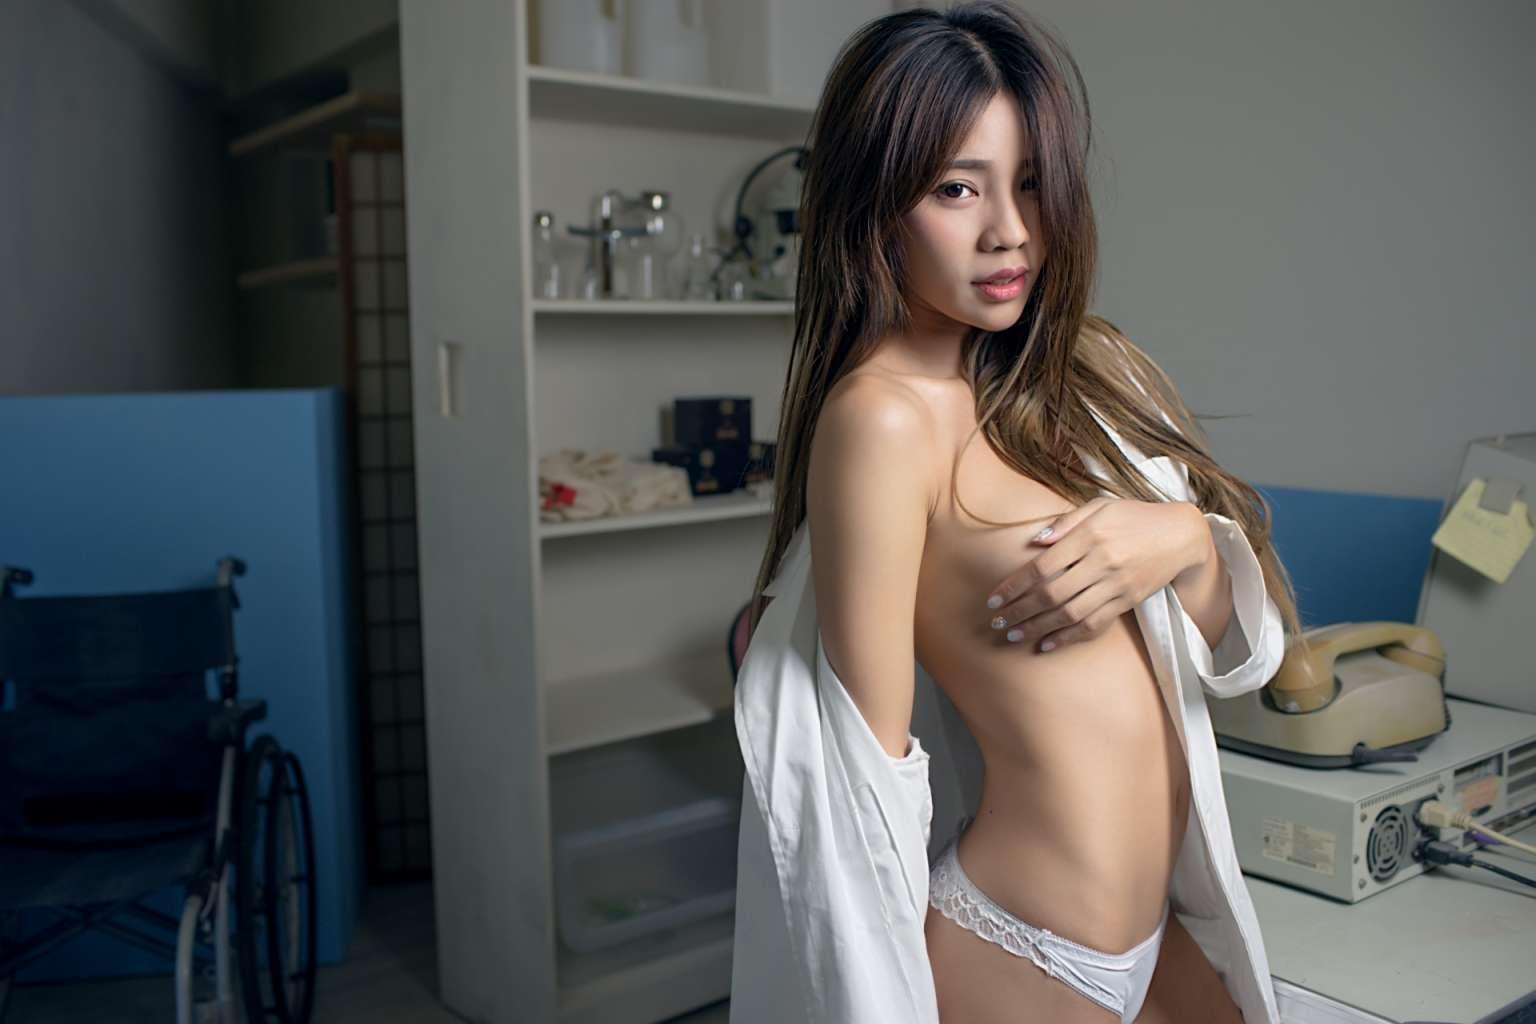 Ảnh gái dâm Việt Nam - Rachel Quyên cực kỳ sexy ướt át